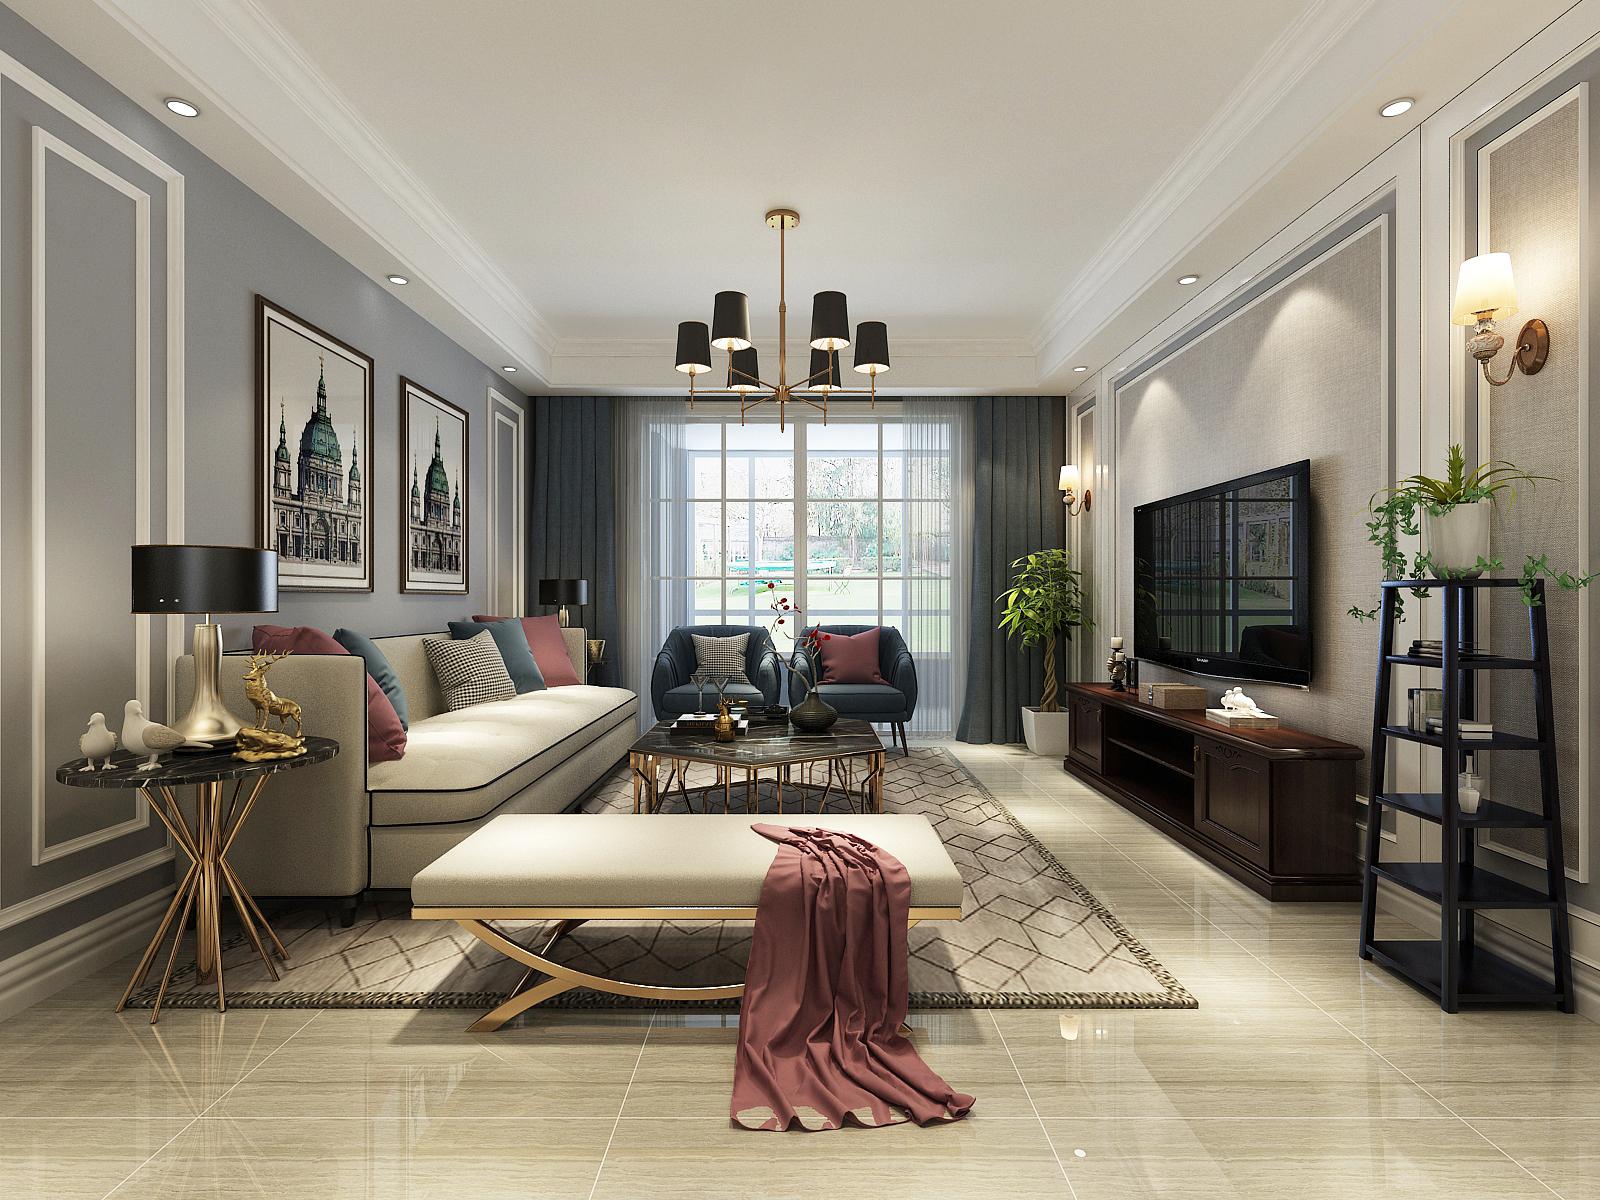 108平大宅效果既视感的现代轻奢风三居室